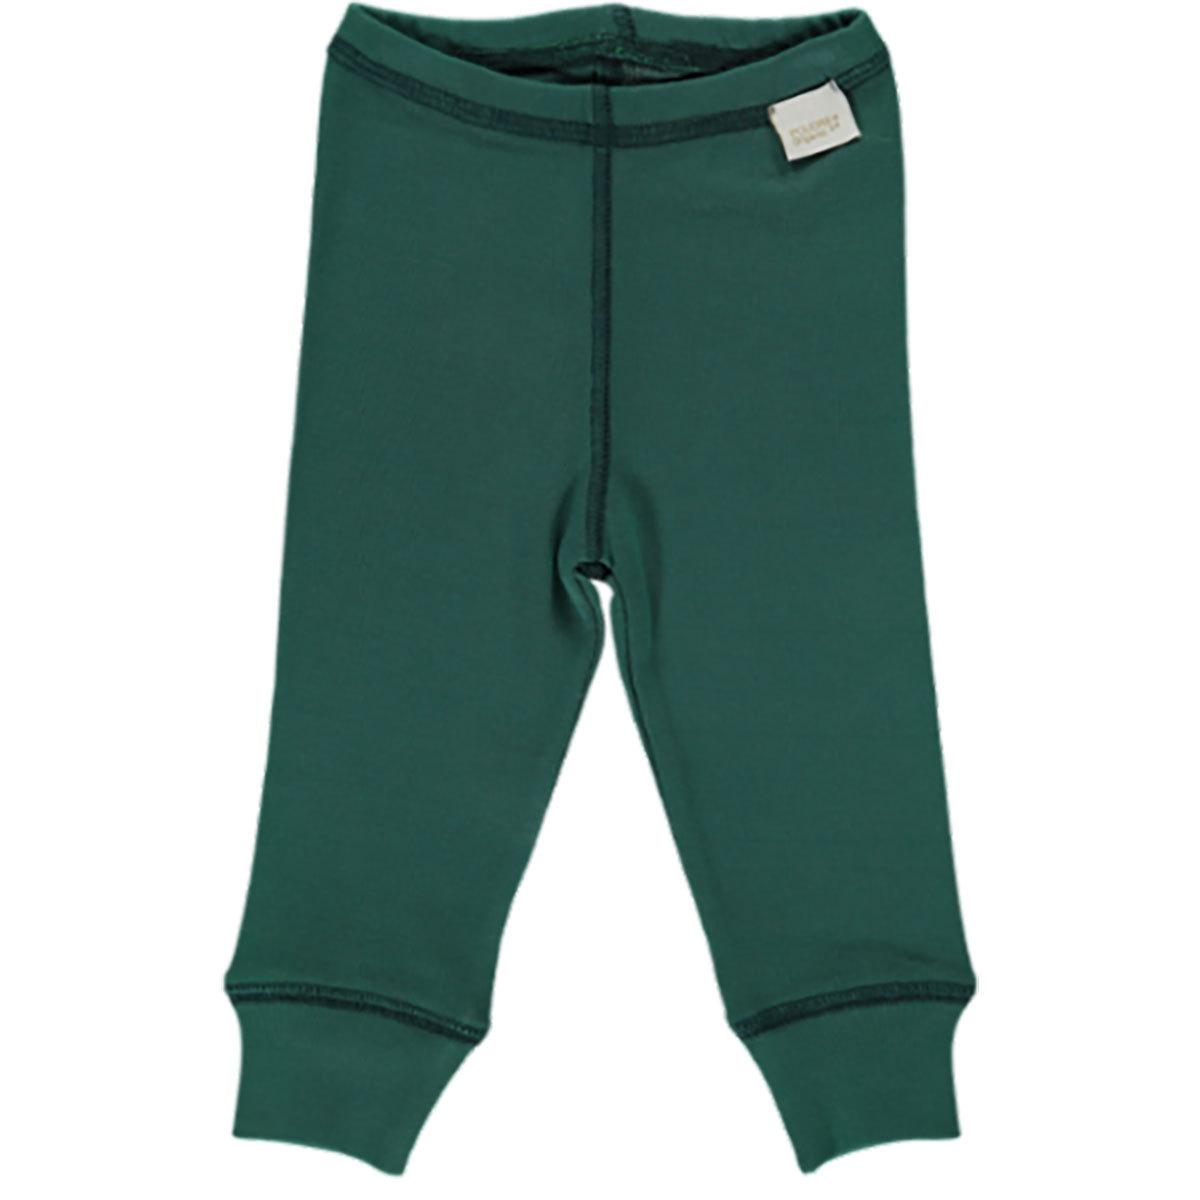 Bas Bébé Leggings Basilic Bistro Green - 3 Mois Leggings Basilic Bistro Green - 3 Mois